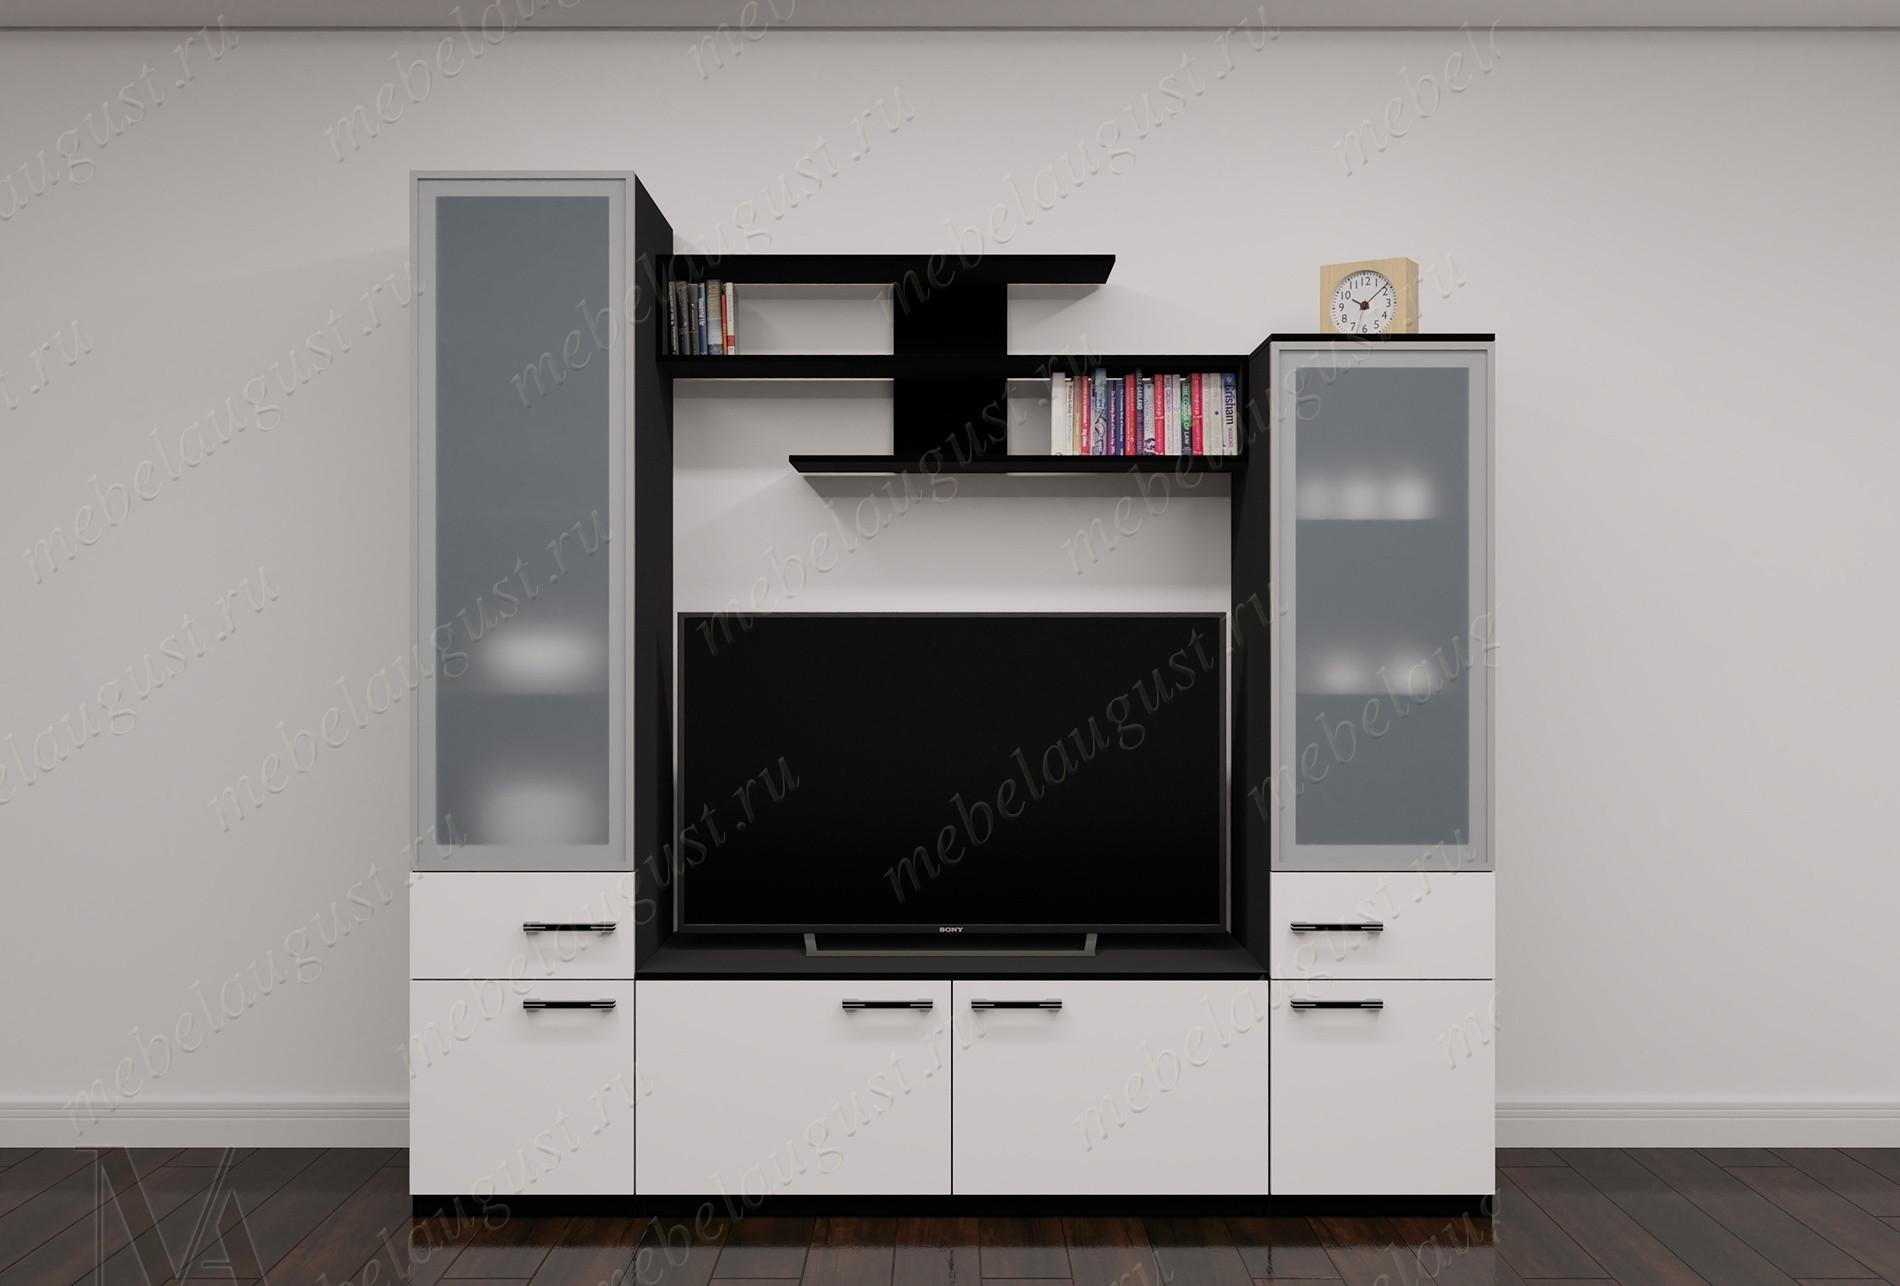 Мини мебельная стенка с полкой под телевизор цвета черно-белый глянец